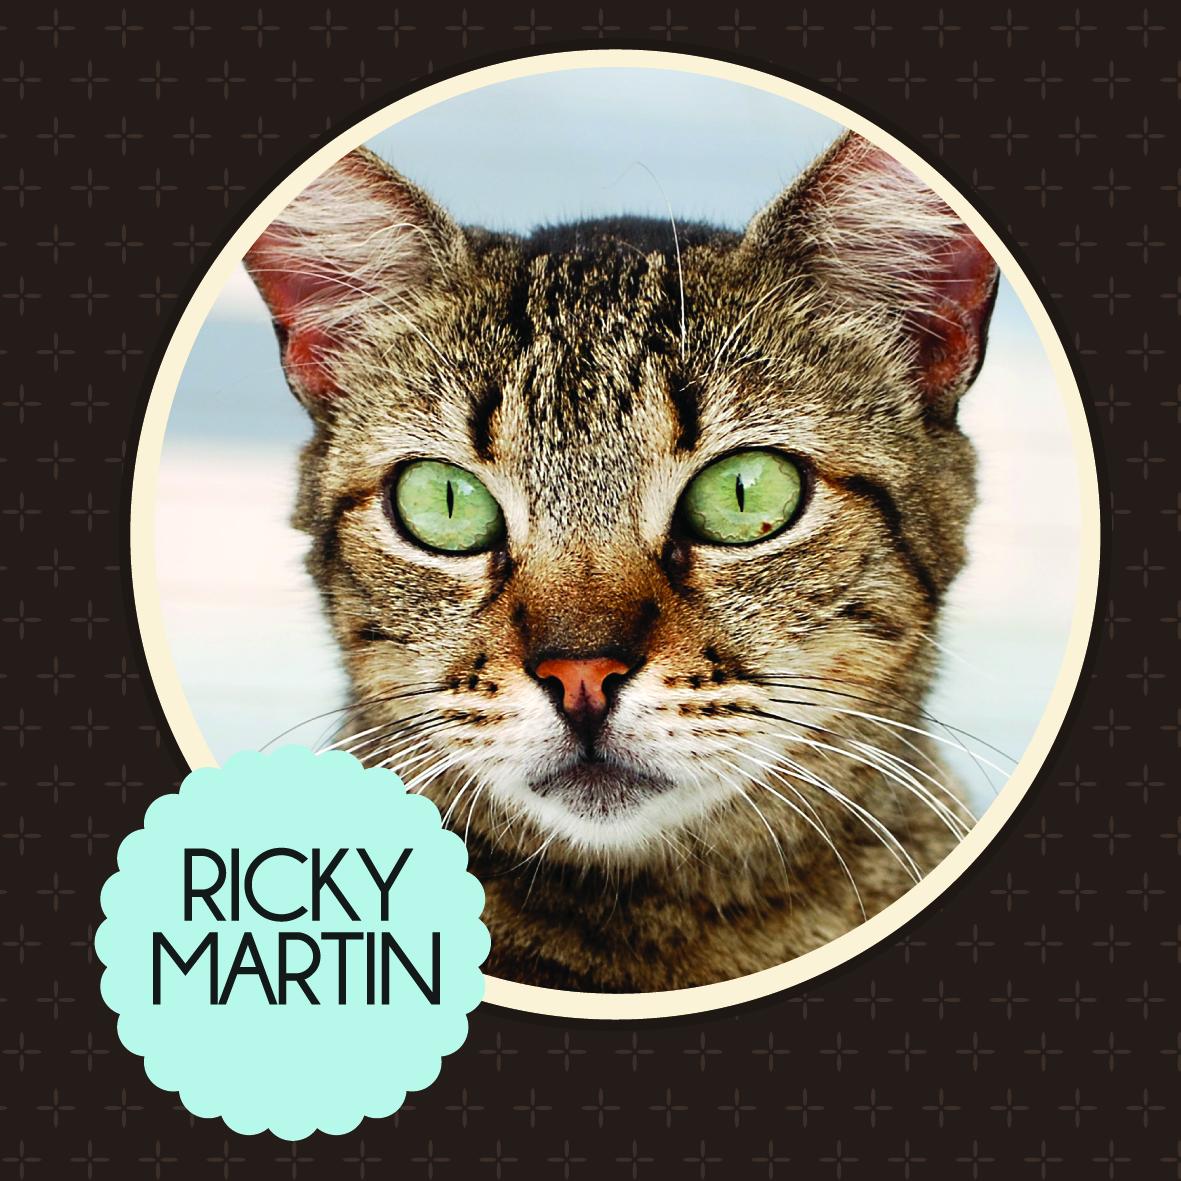 http://2.bp.blogspot.com/-U05rWSVaOAQ/USwBytmaYYI/AAAAAAAADWQ/4K1Cs2iGw10/s1600/ricky+martin.jpg